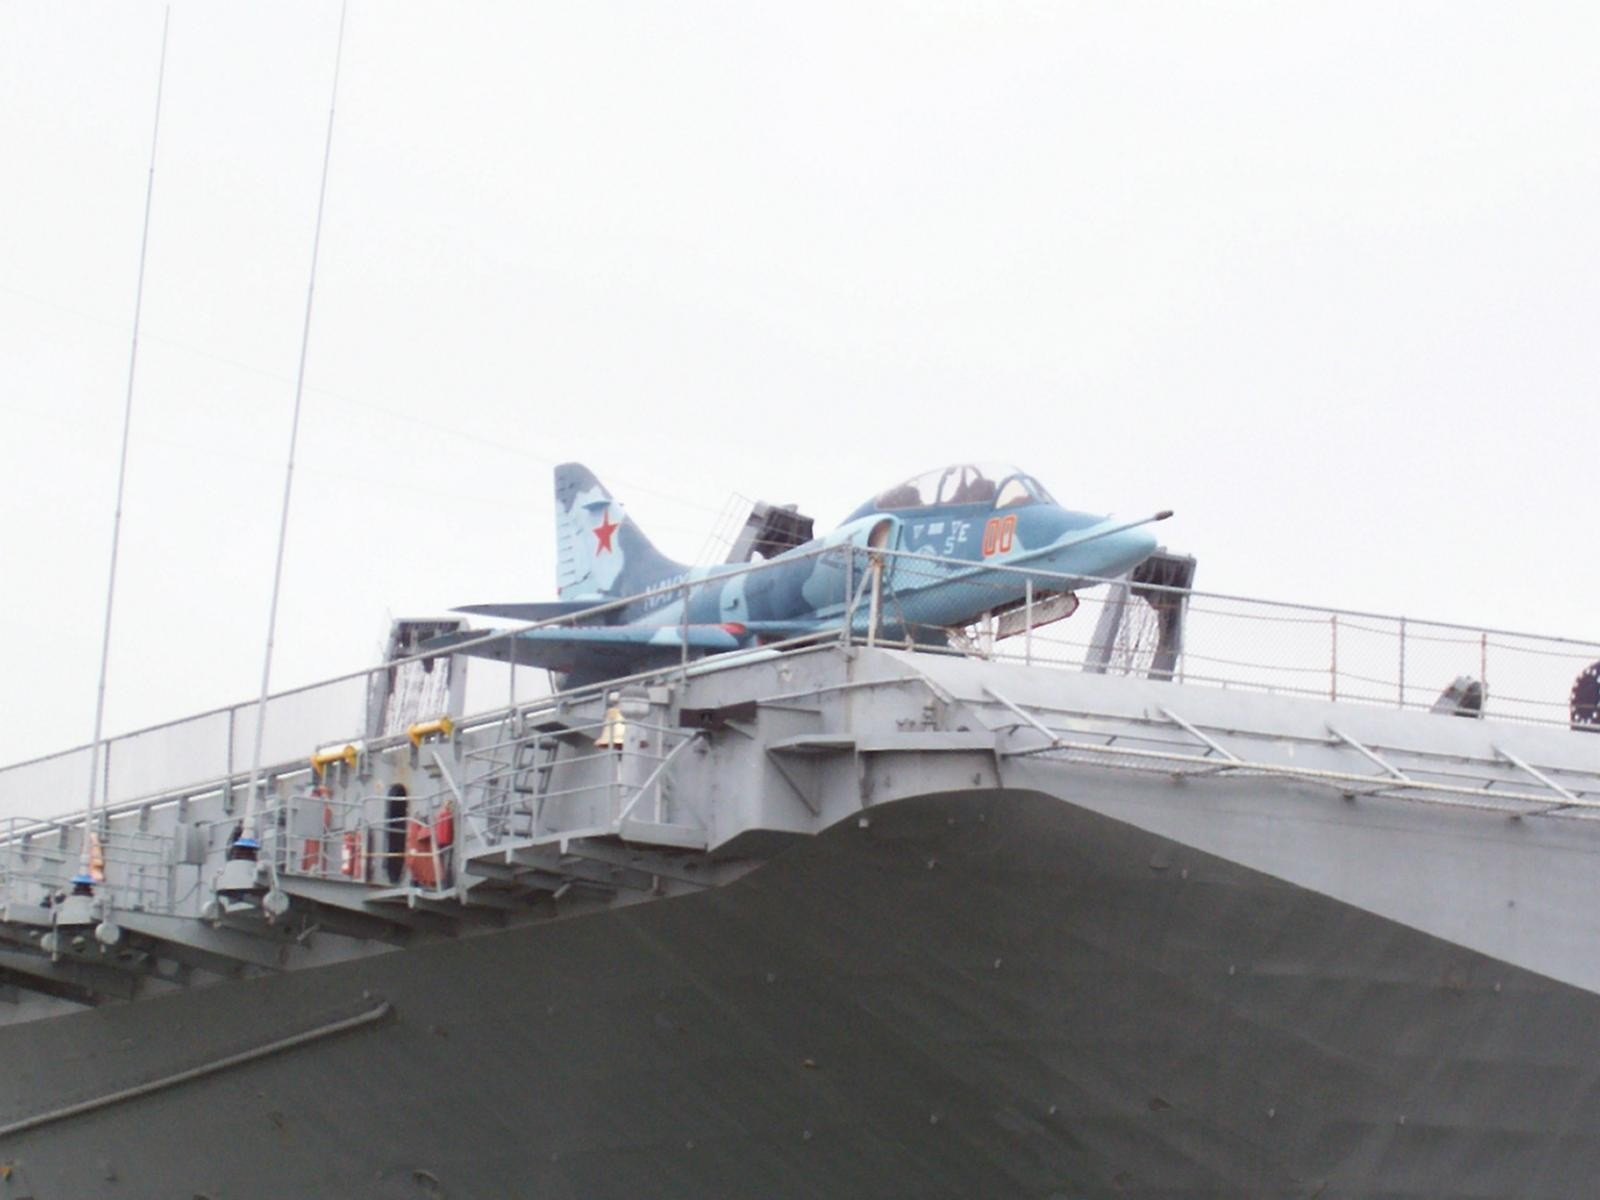 USS Hornet A-4 on Deck